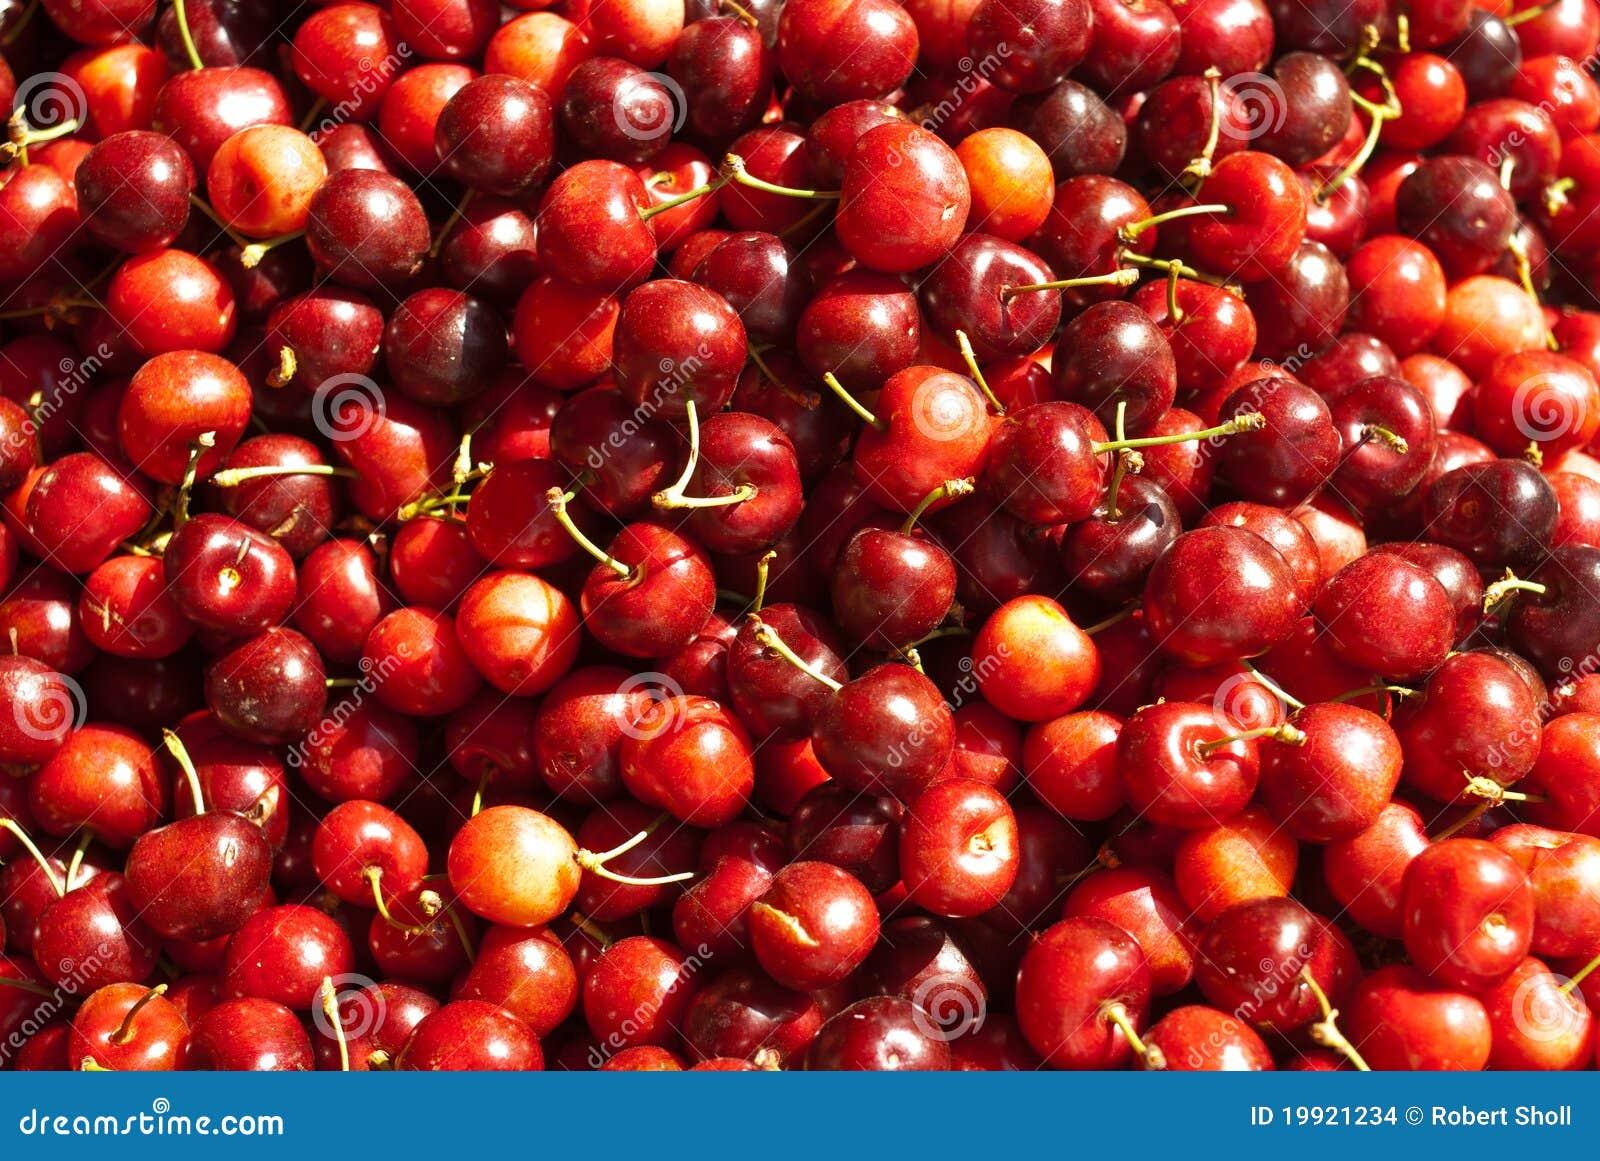 Cerejas vermelhas orgânicas